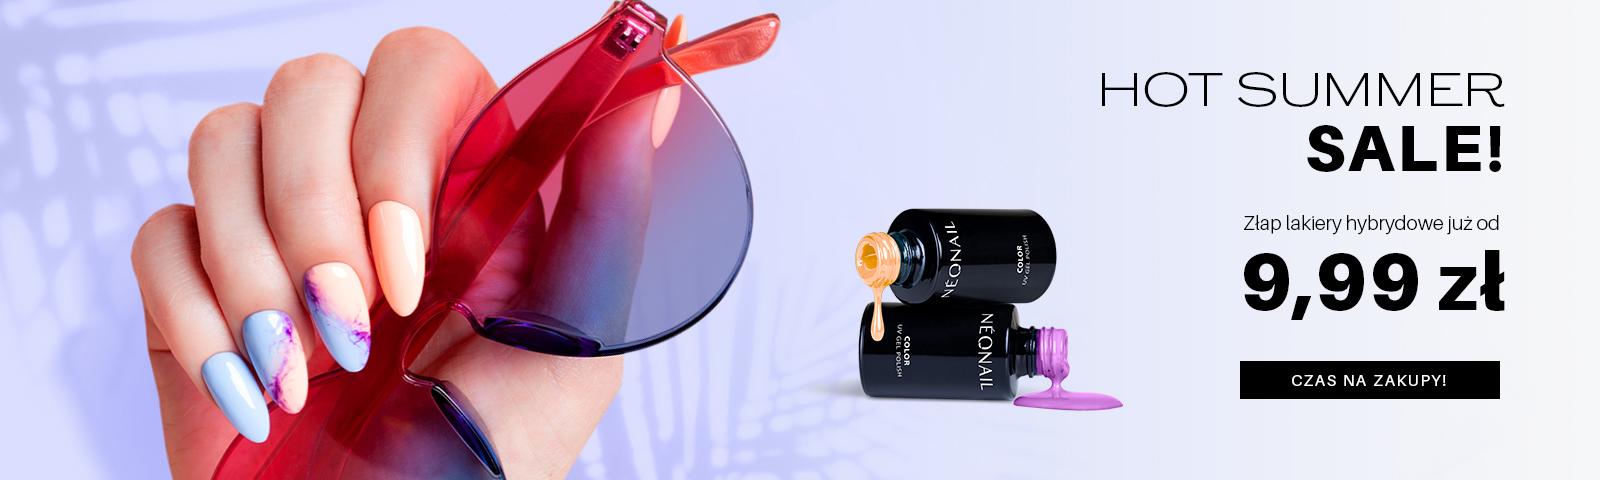 letnia wyprzedaż HOT SALE Lakiery już od 9,99 zł. Sprawdź i znajdź swój ulubiony kolor.  HOT SALE